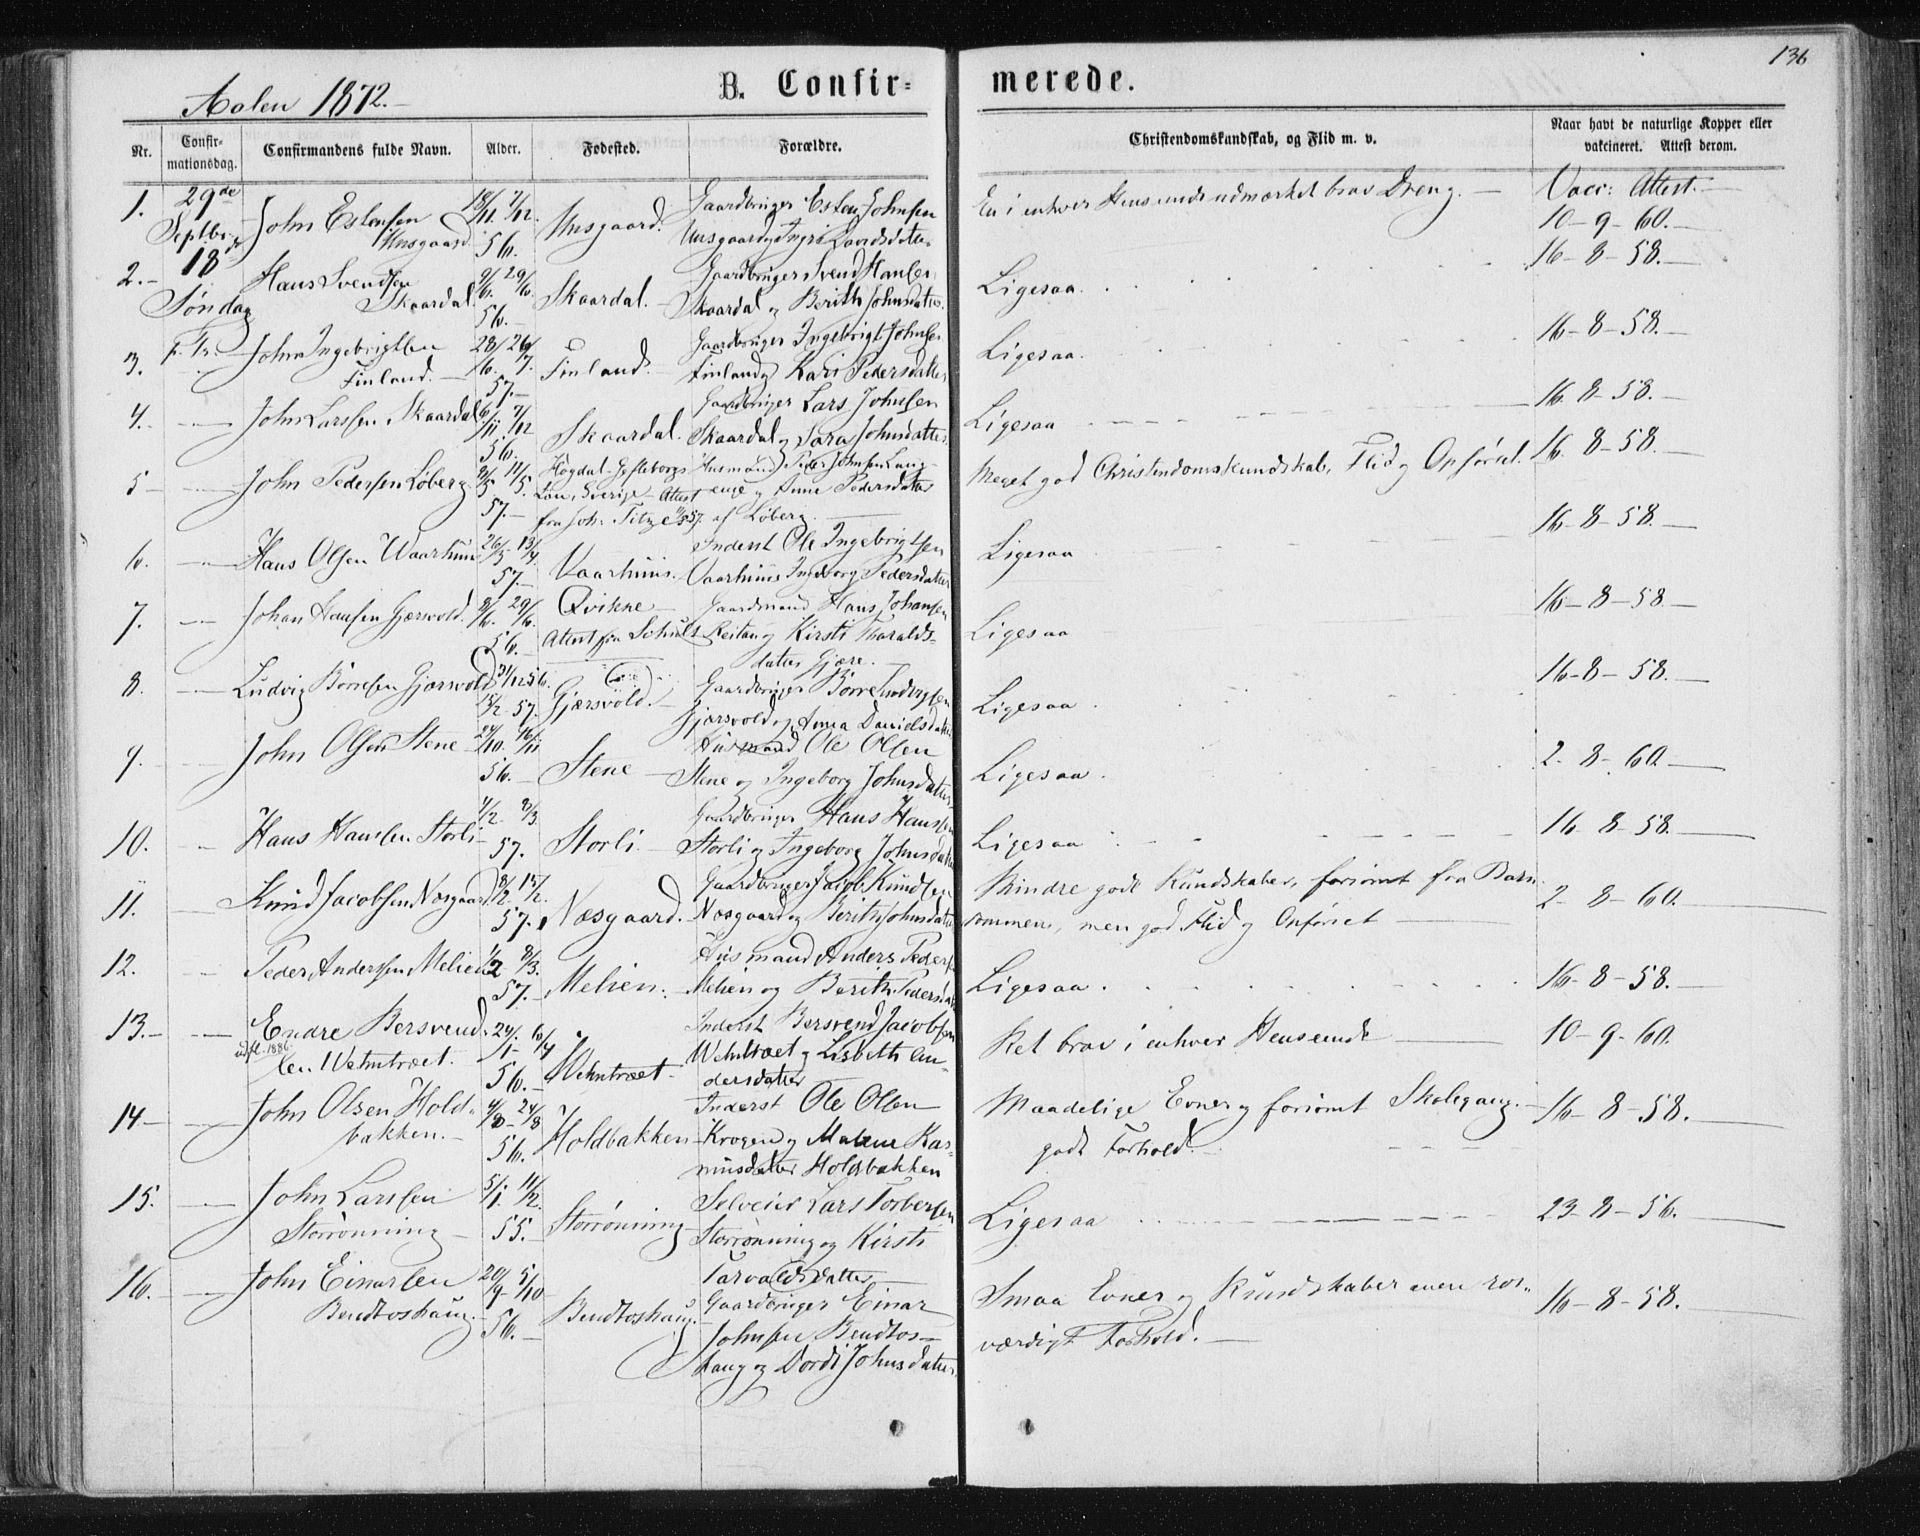 SAT, Ministerialprotokoller, klokkerbøker og fødselsregistre - Sør-Trøndelag, 685/L0971: Ministerialbok nr. 685A08 /3, 1870-1879, s. 136